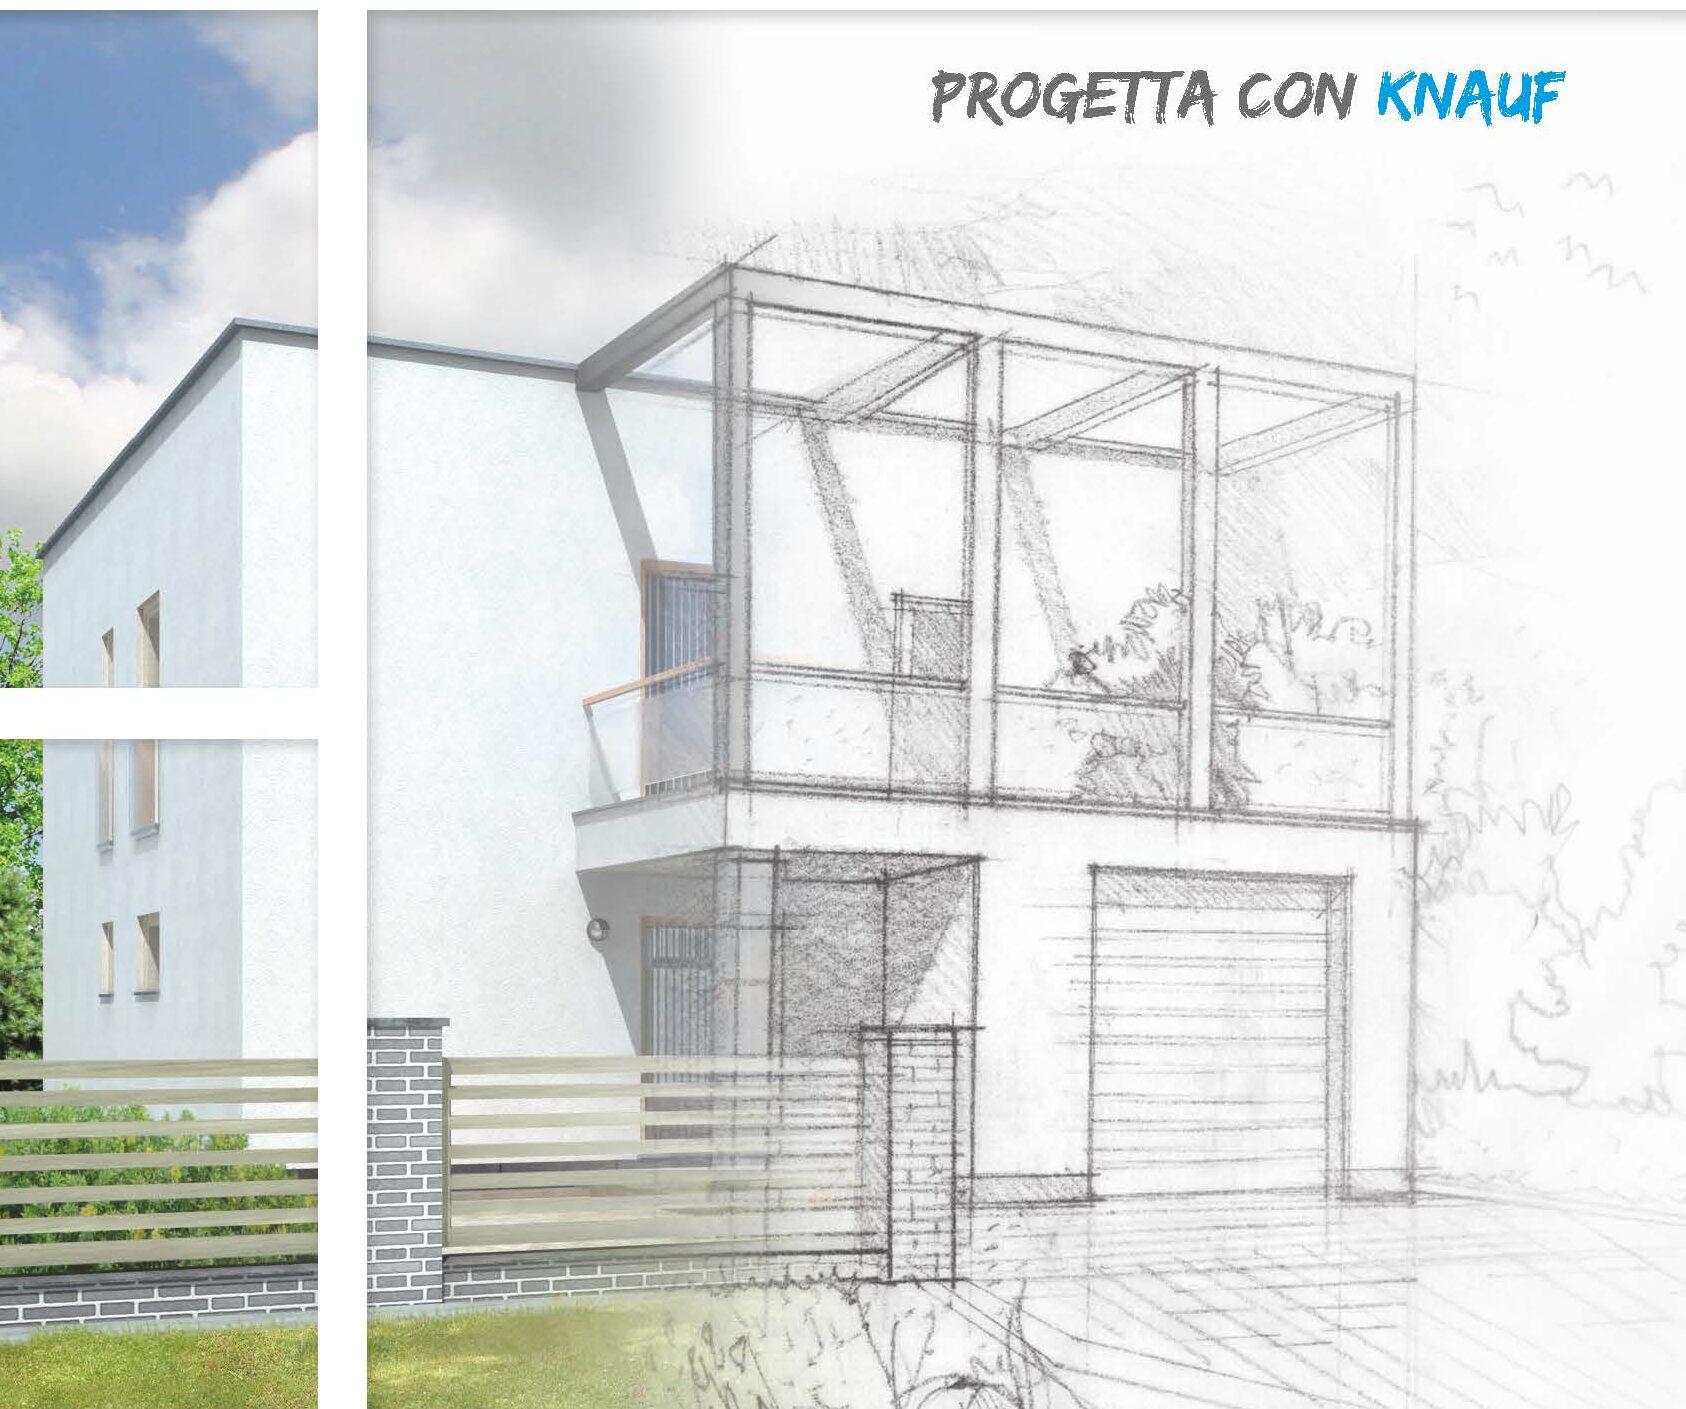 Superbonus 110% con Knauf: al via il progetto a supporto di progettisti e imprese